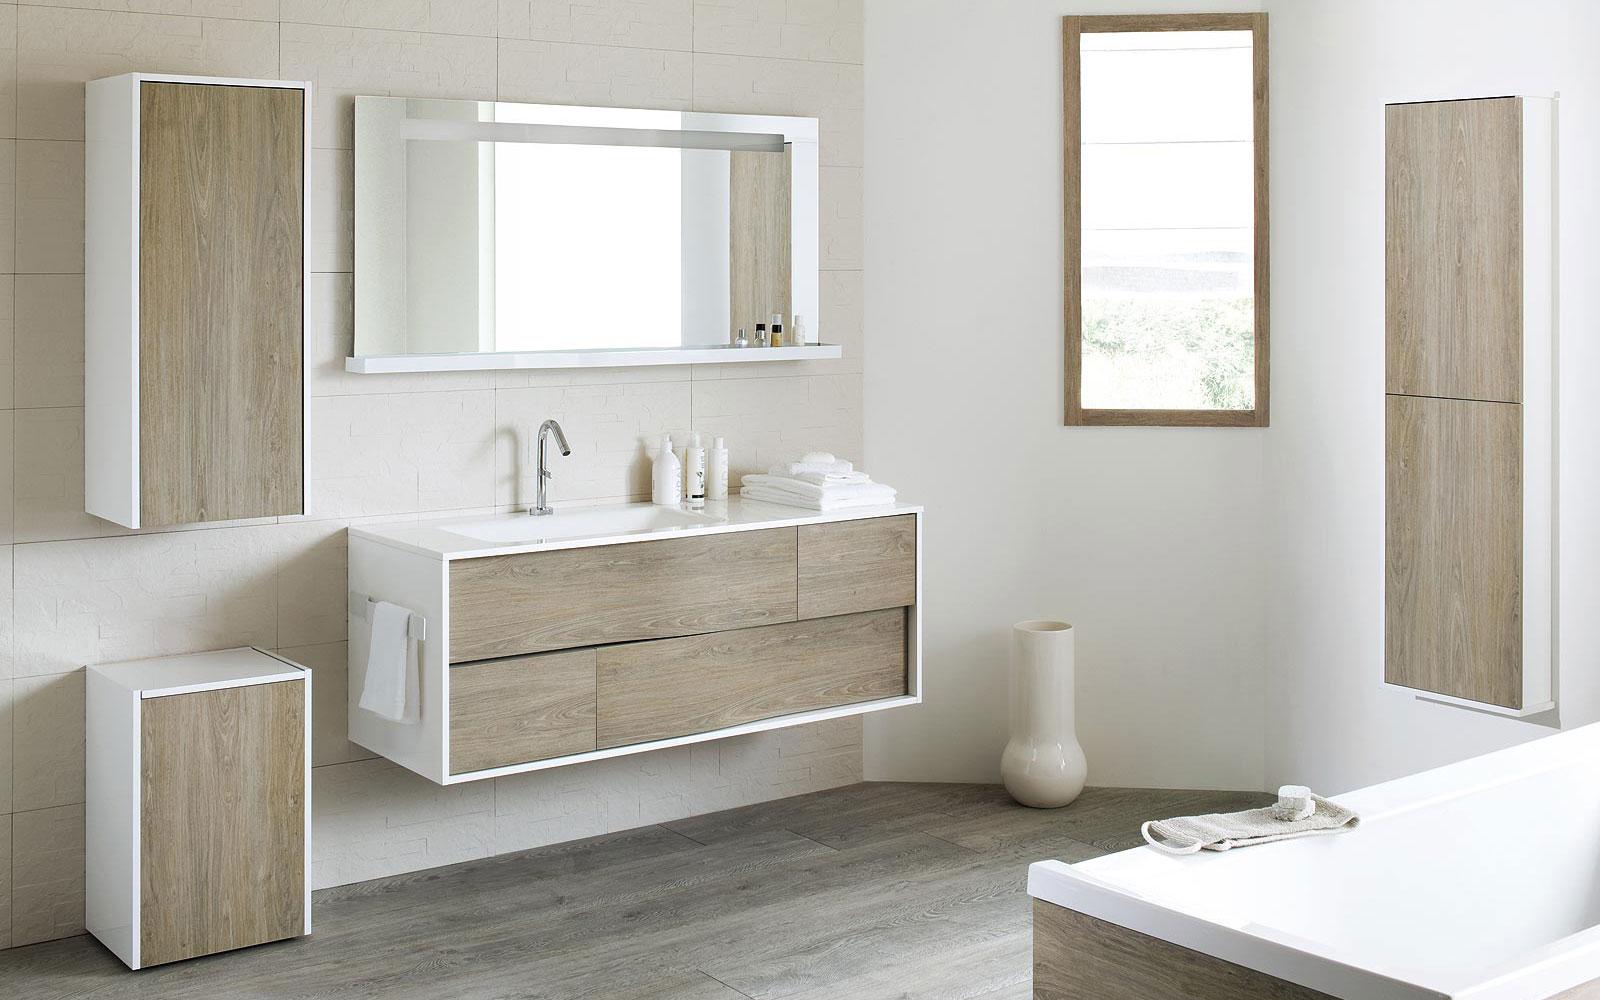 Les nouveaux volumes dans la salle de bain a5 nf c 15 100 for Armoire douche